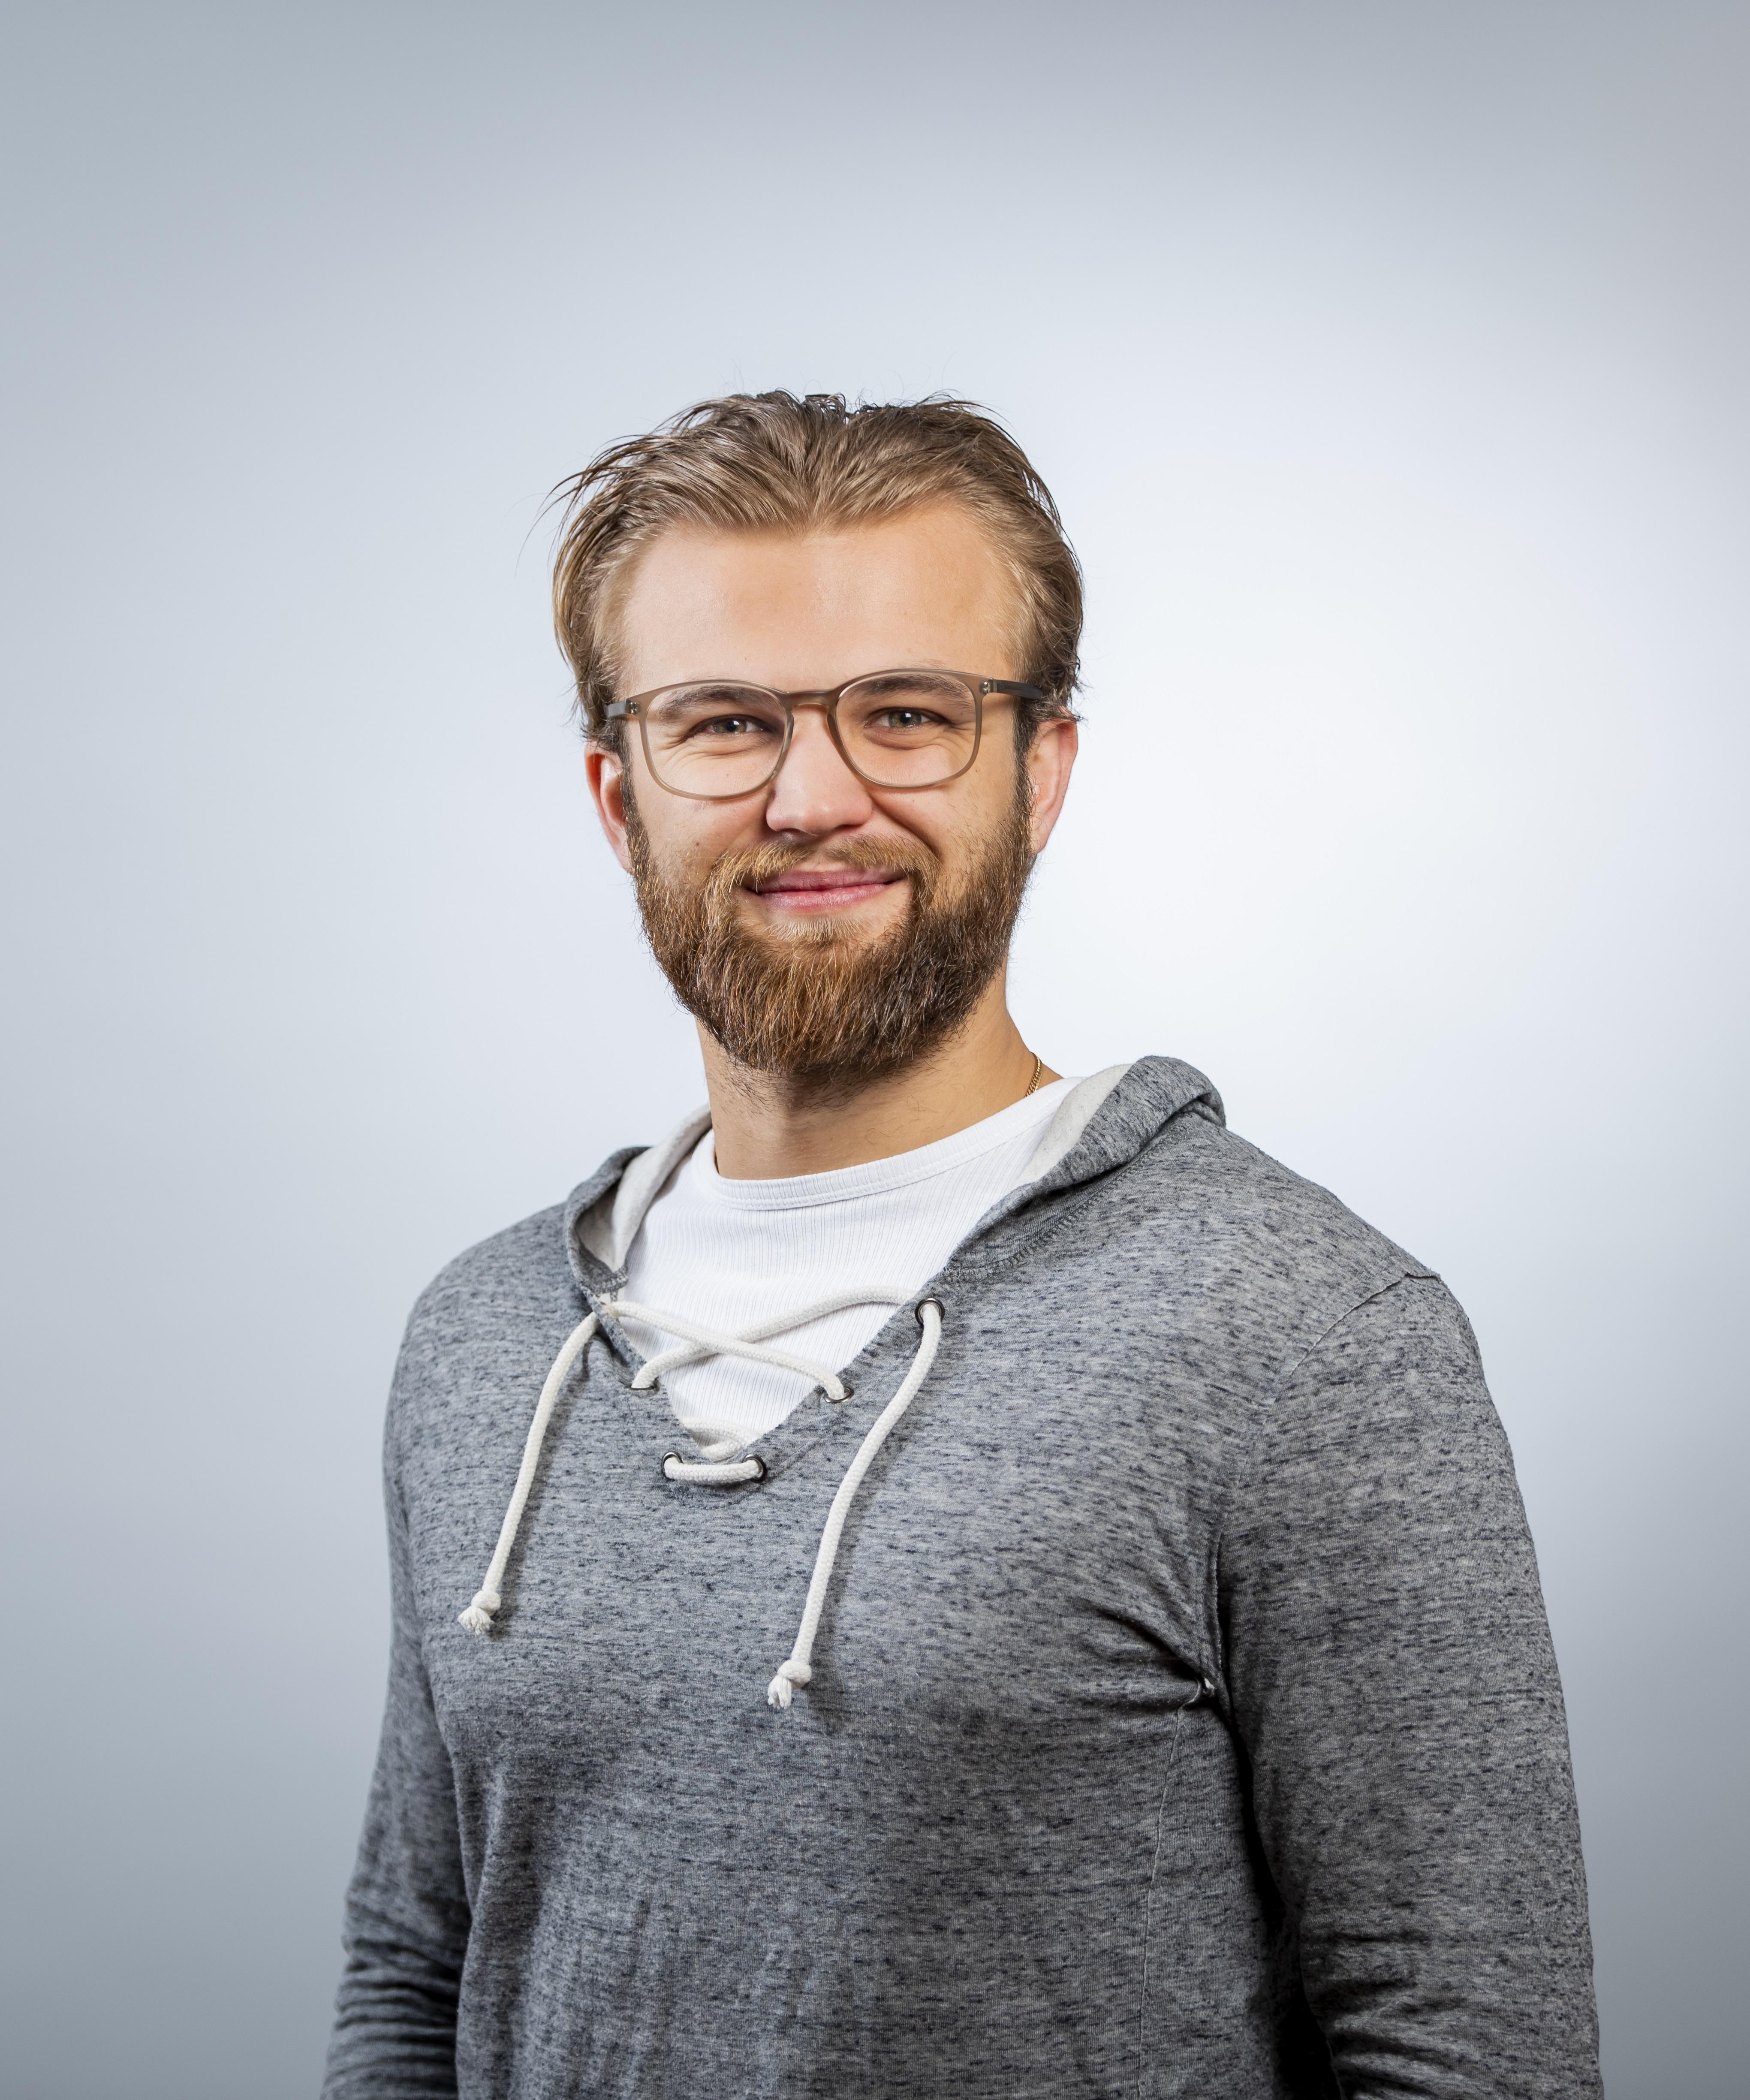 Sascha Sychov